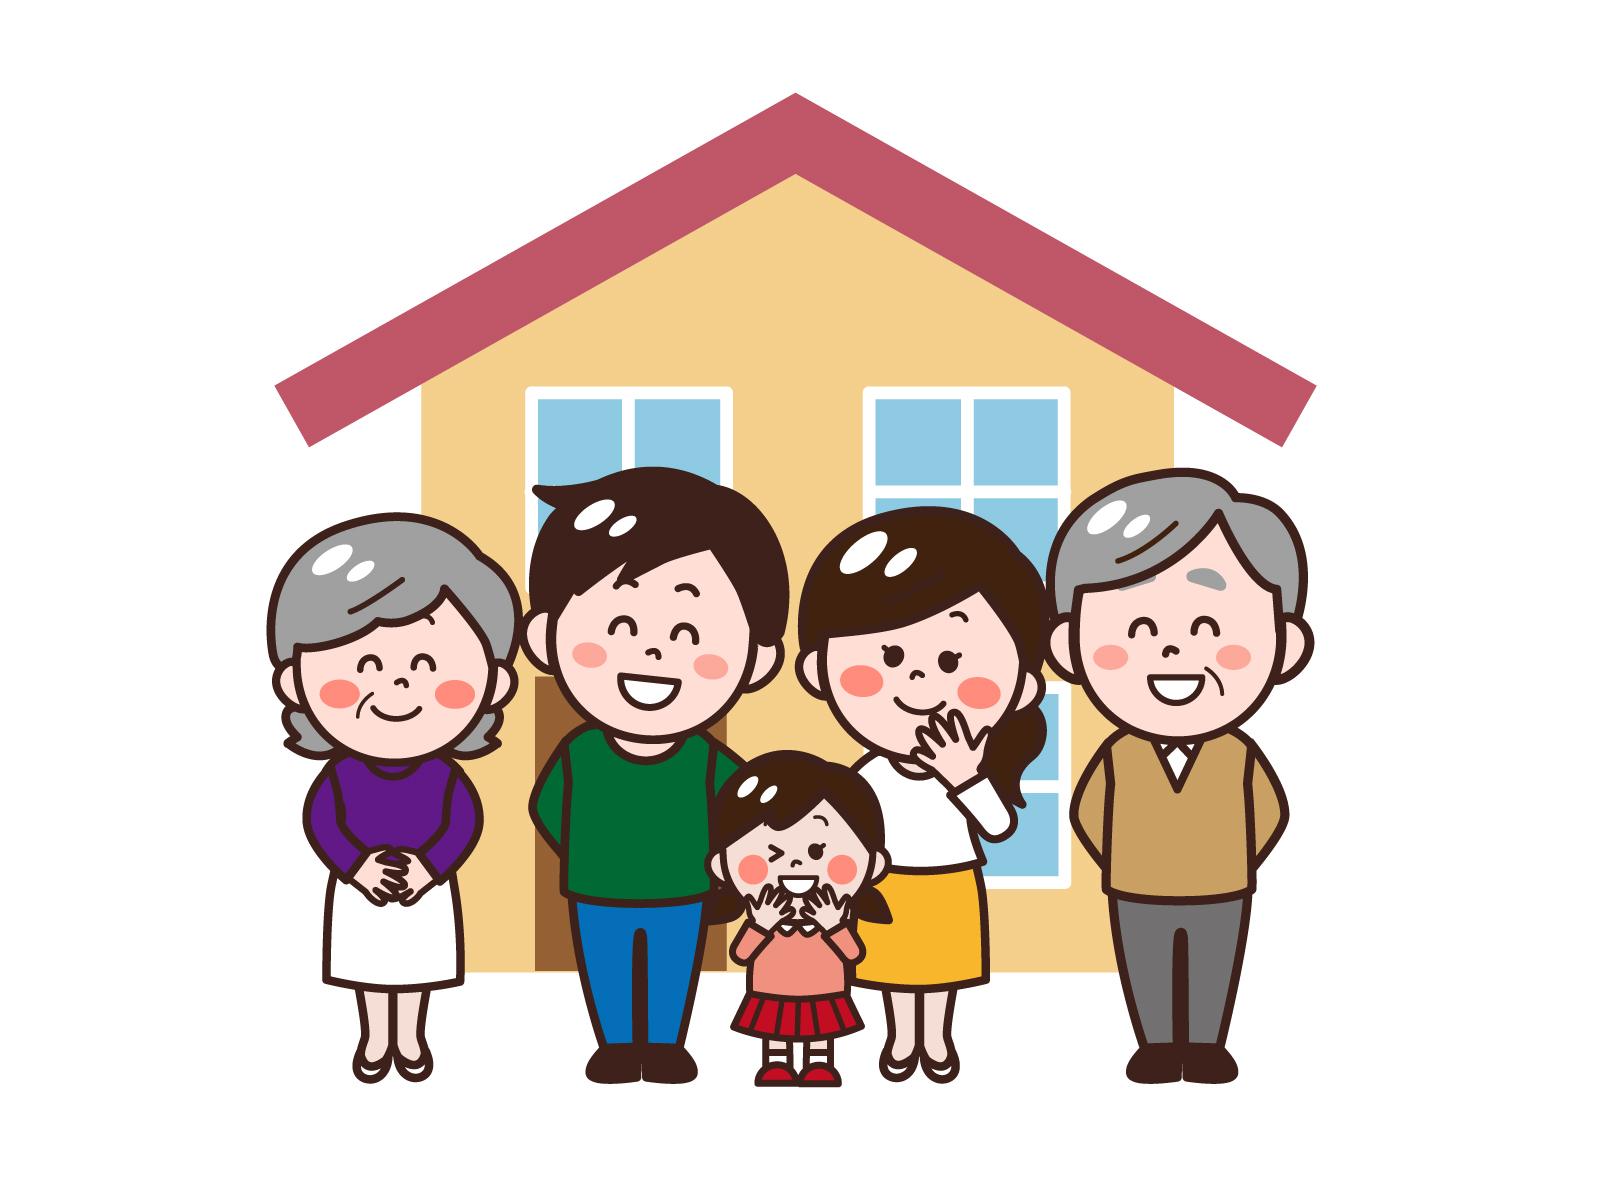 子供たち独立後のマイホーム